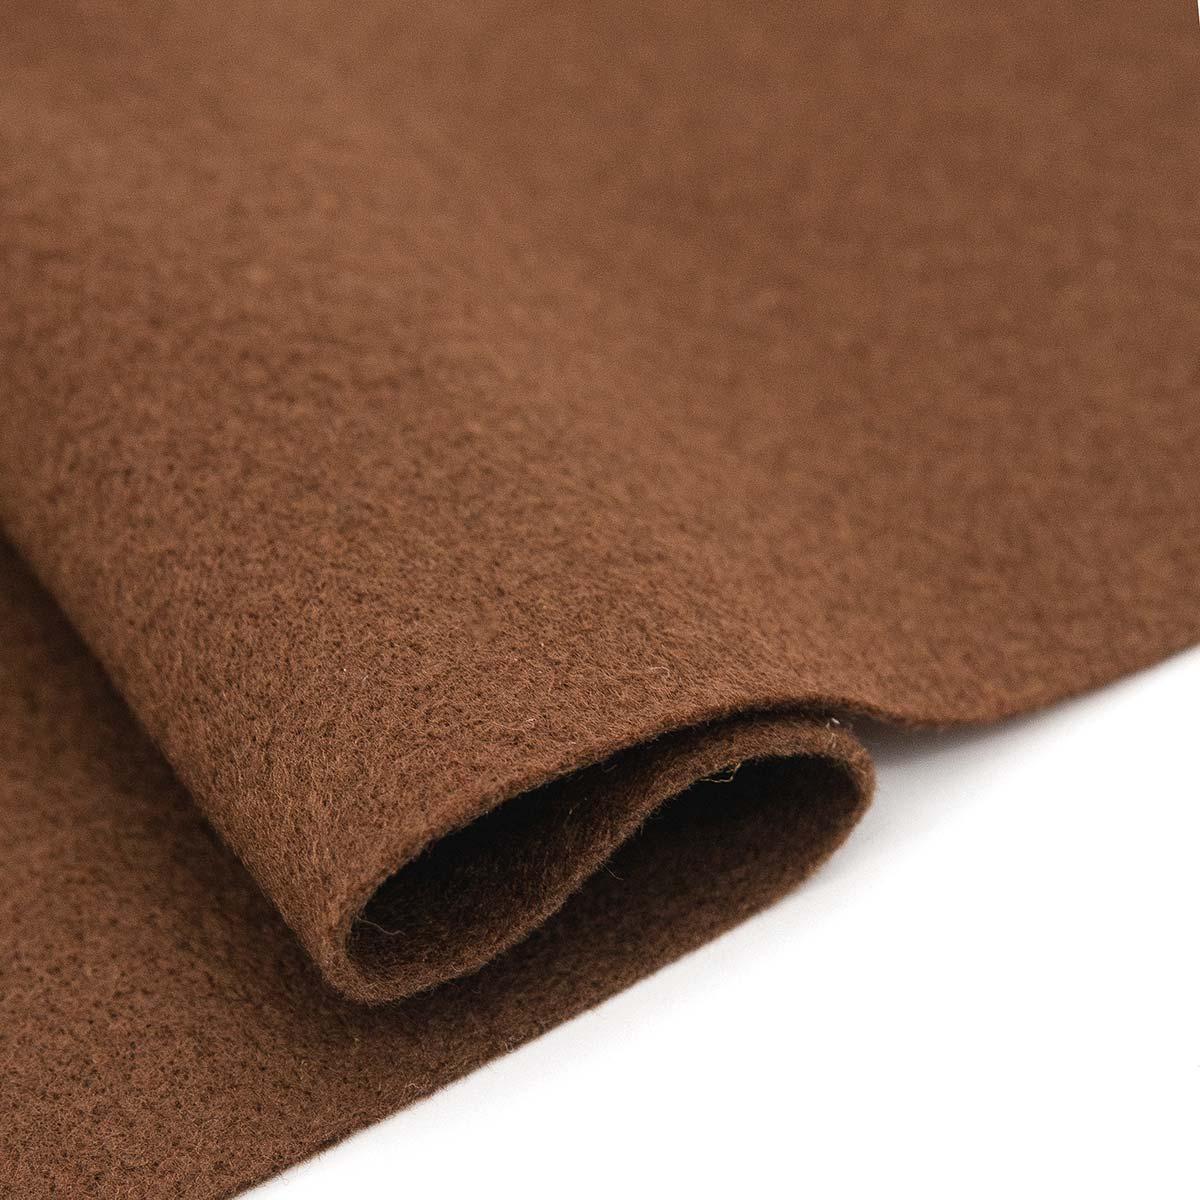 61212675 Фетр для творчества, коричневый, 2мм, 20x30см, уп./1шт. Glorex